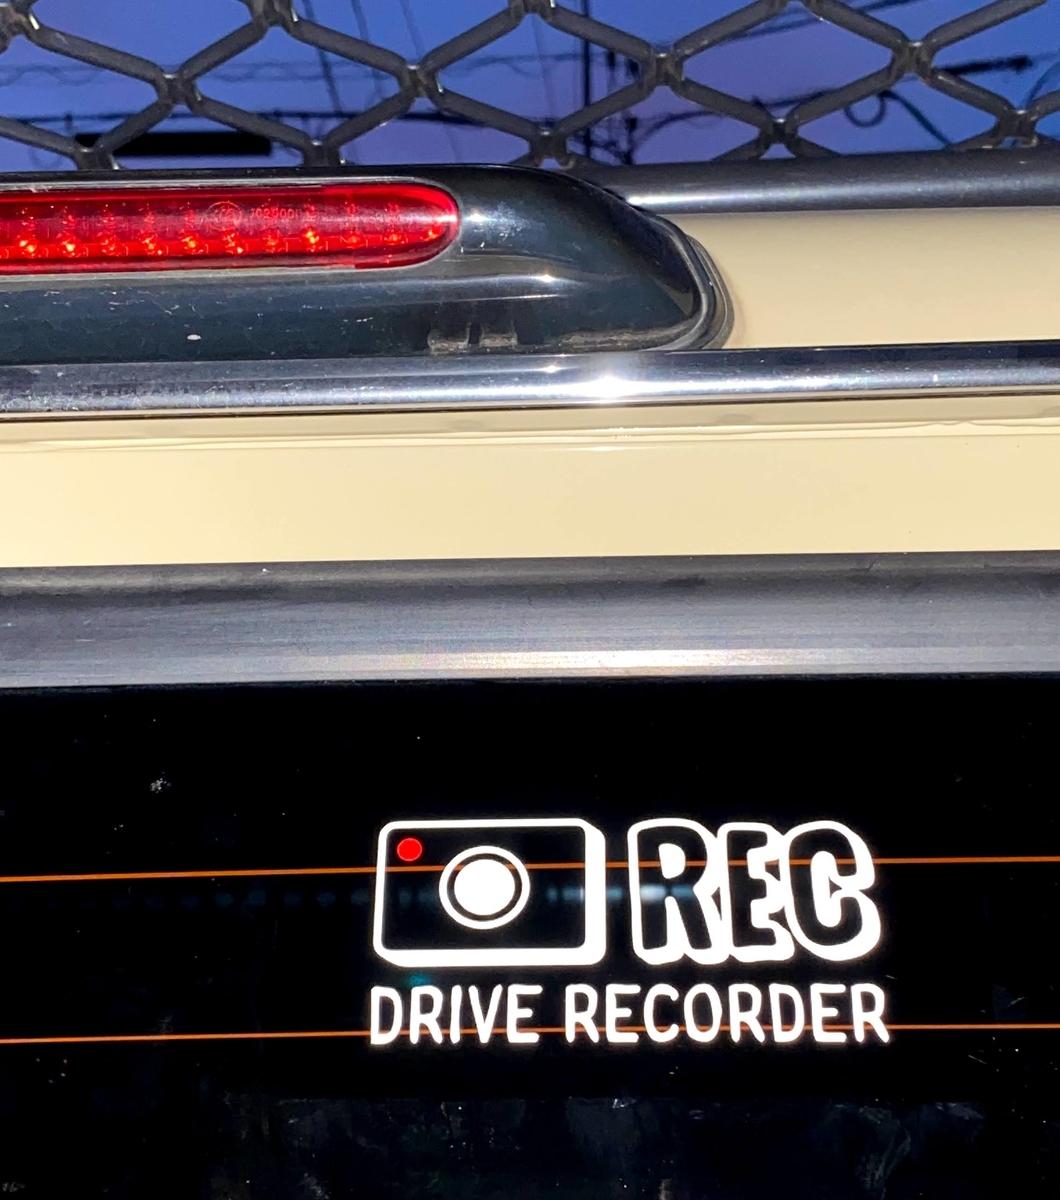 ランクル70 ドライブレコーダーの取り付け。ドライブレコーダーで録画中ということがわかるようにカッティングステッカーを貼り付け。